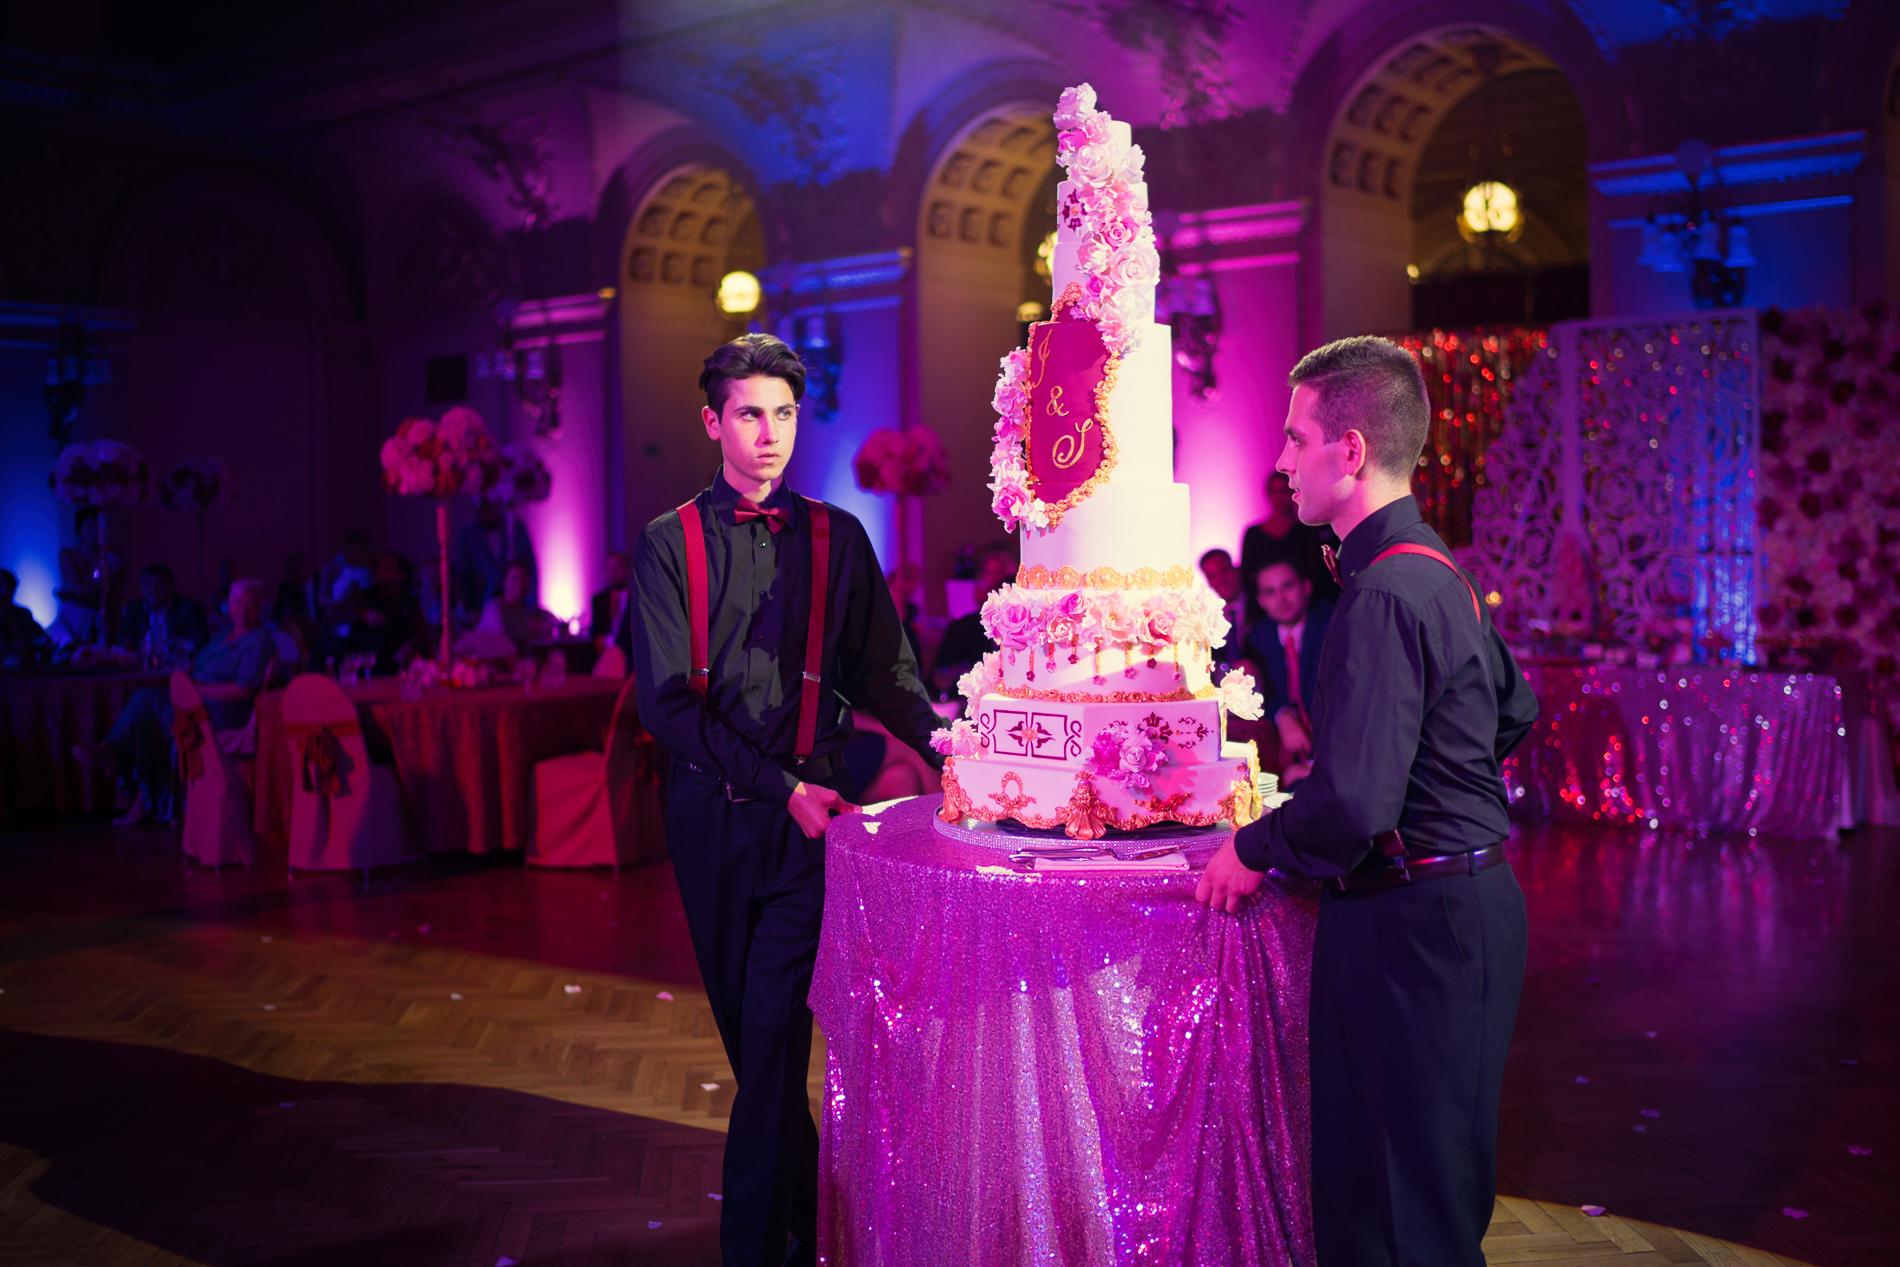 svatební fotograf - svatba na Žofíně